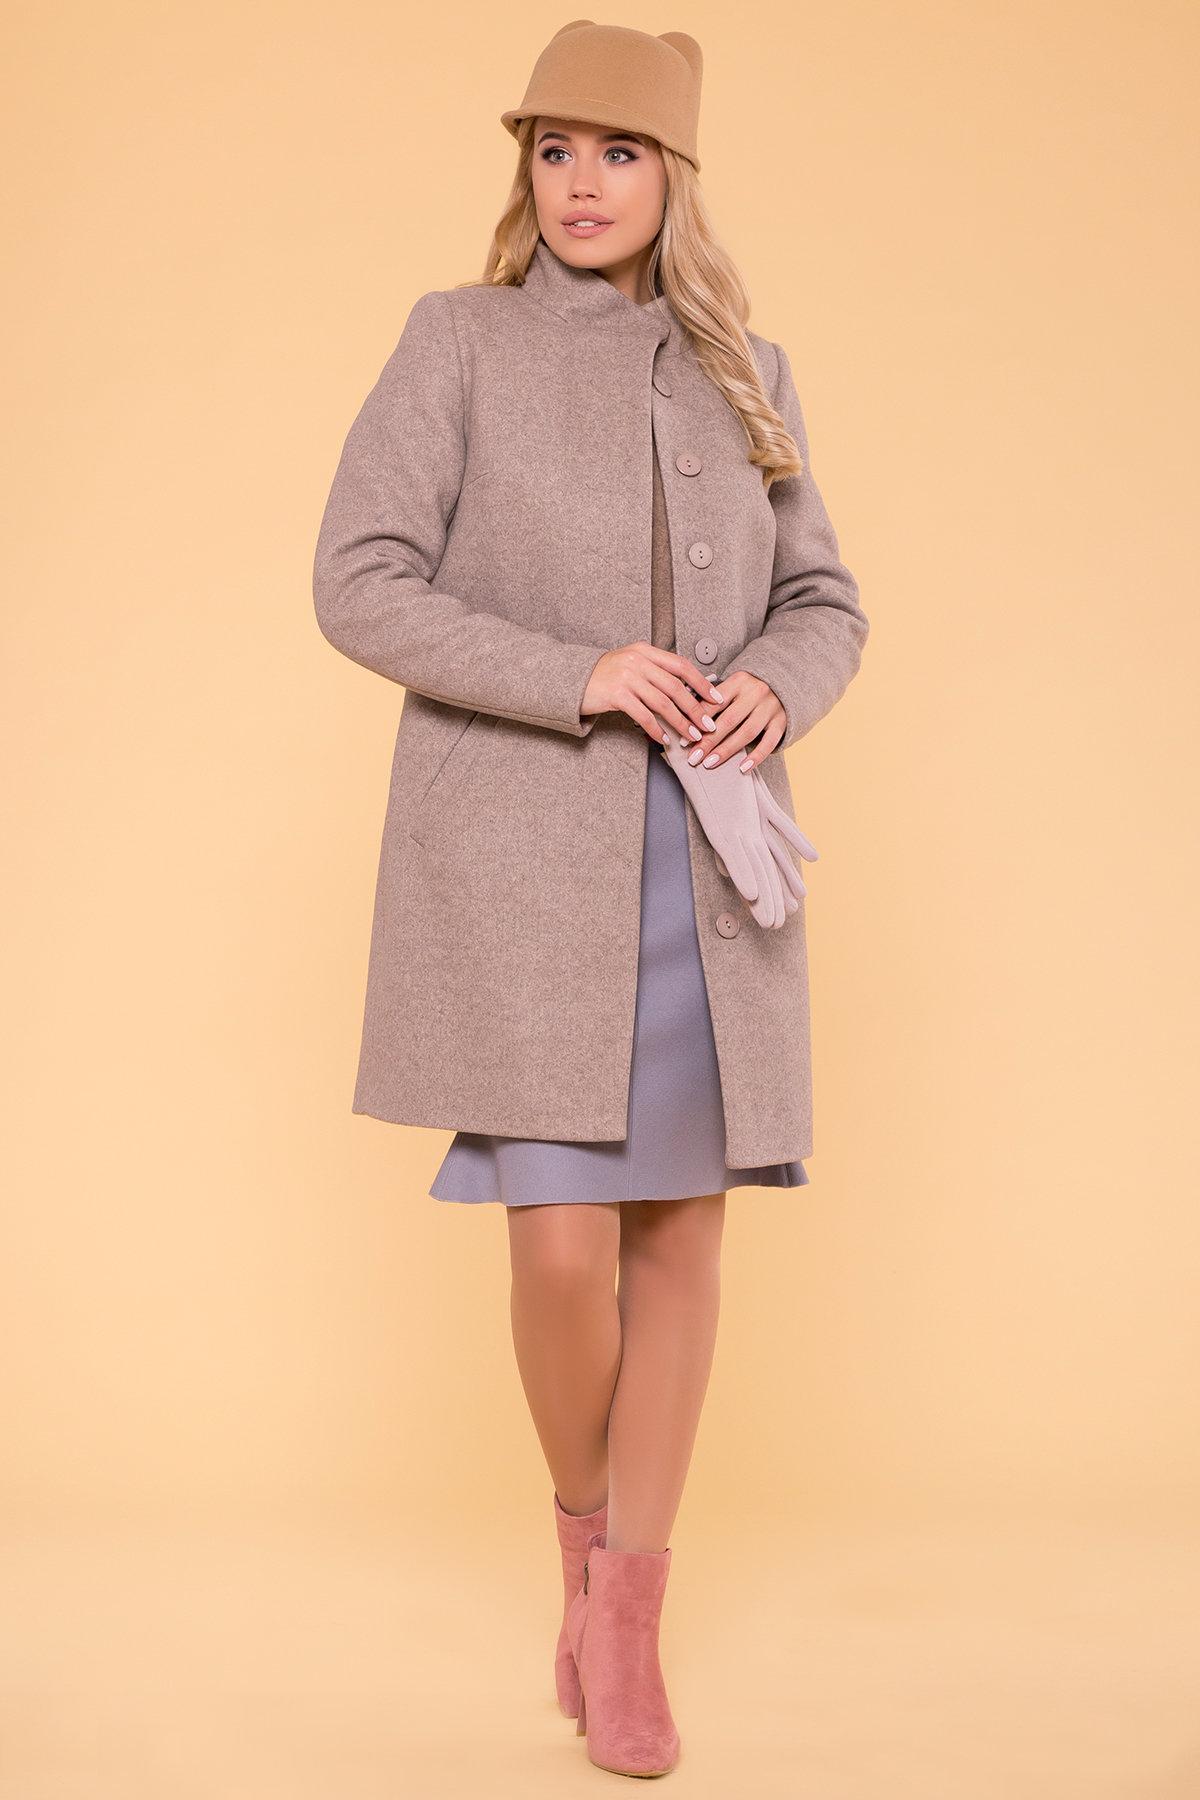 Зимнее пальто с воротником стойка Фортуна лайт 5804 АРТ. 39369 Цвет: Бежевый 10 - фото 3, интернет магазин tm-modus.ru